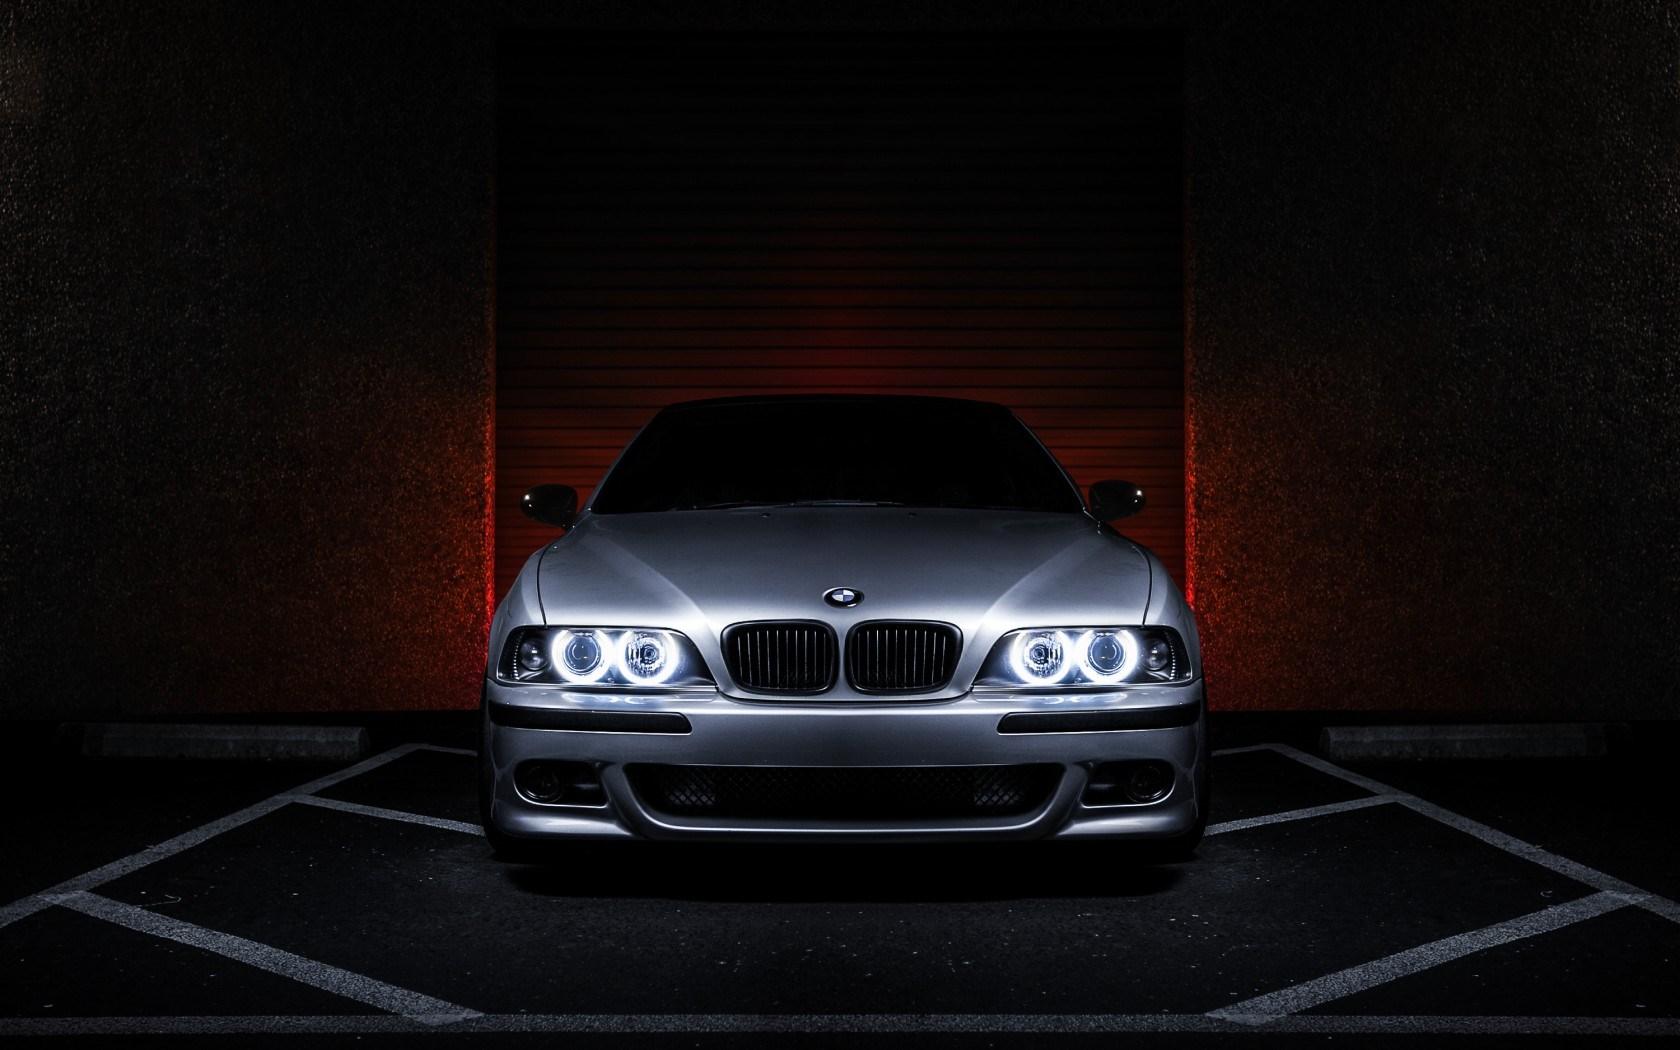 BMW 5 Series E39 540i Car